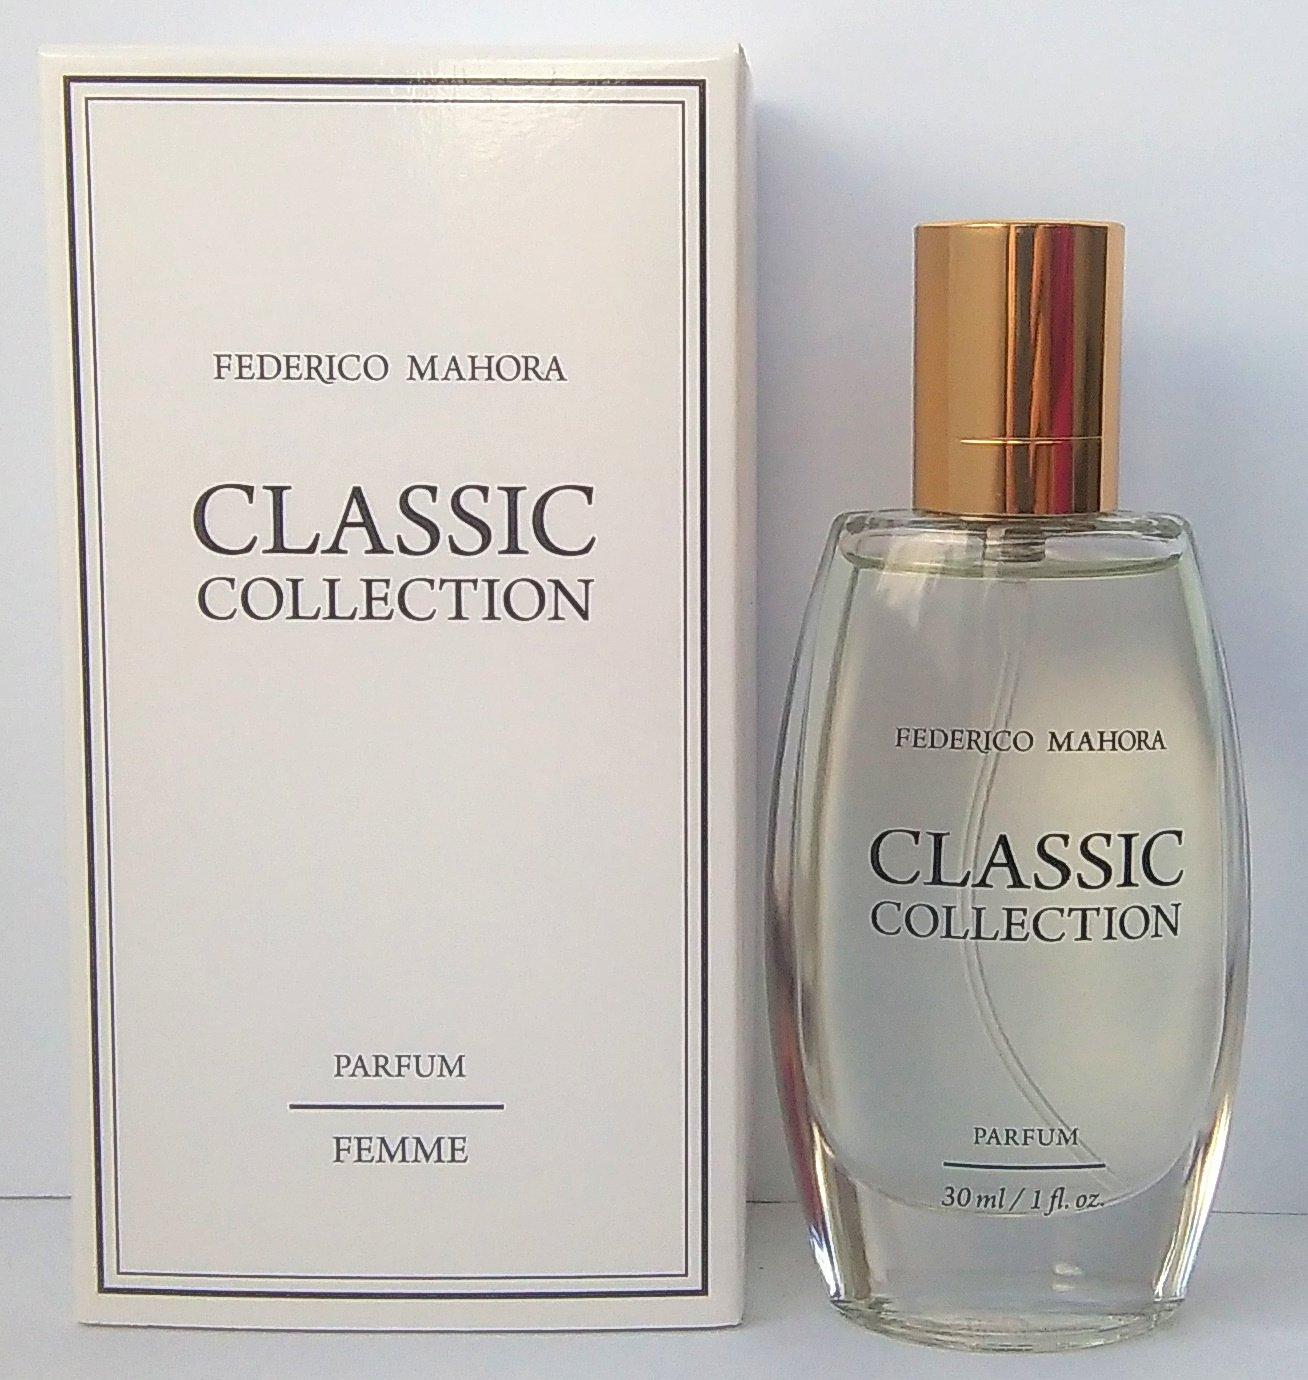 FM by Federico Mahora Profumo No 33 Collezione Classica Di Donna 30ml Fm Group World